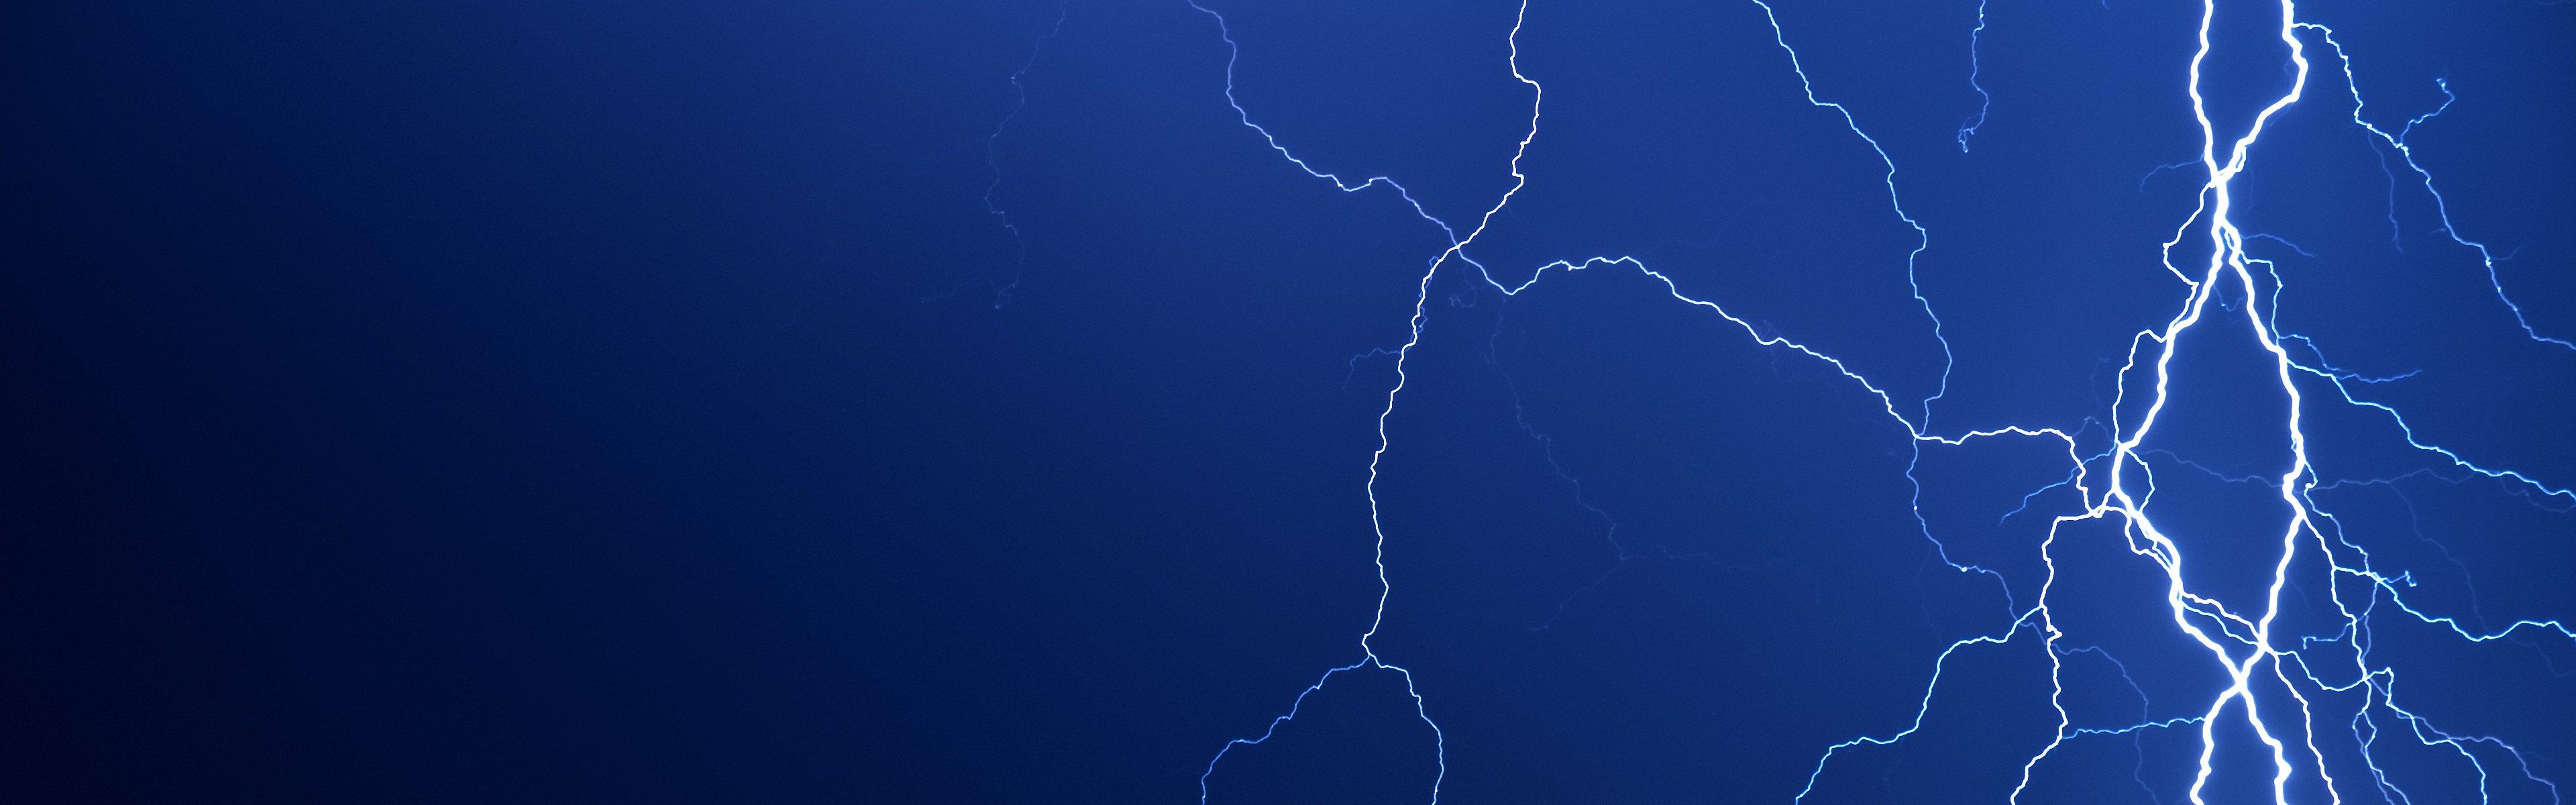 Background image 3840x1200 - Jpg 3840x1200 Thor Lightning Bolt Background